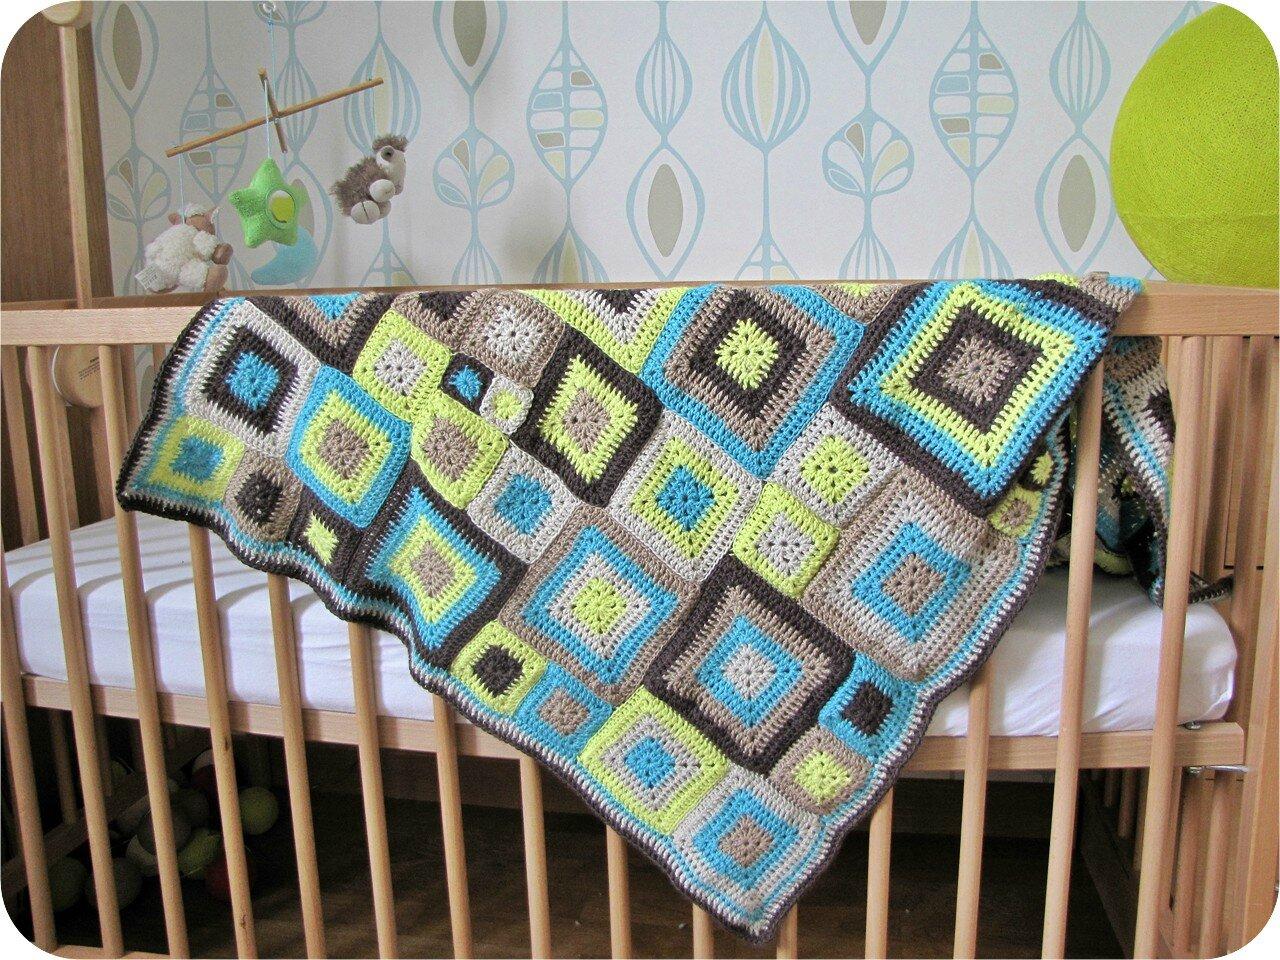 Celle qui se prenait pour une babette le tricomonde de sophie - Carre crochet pour couverture bebe ...